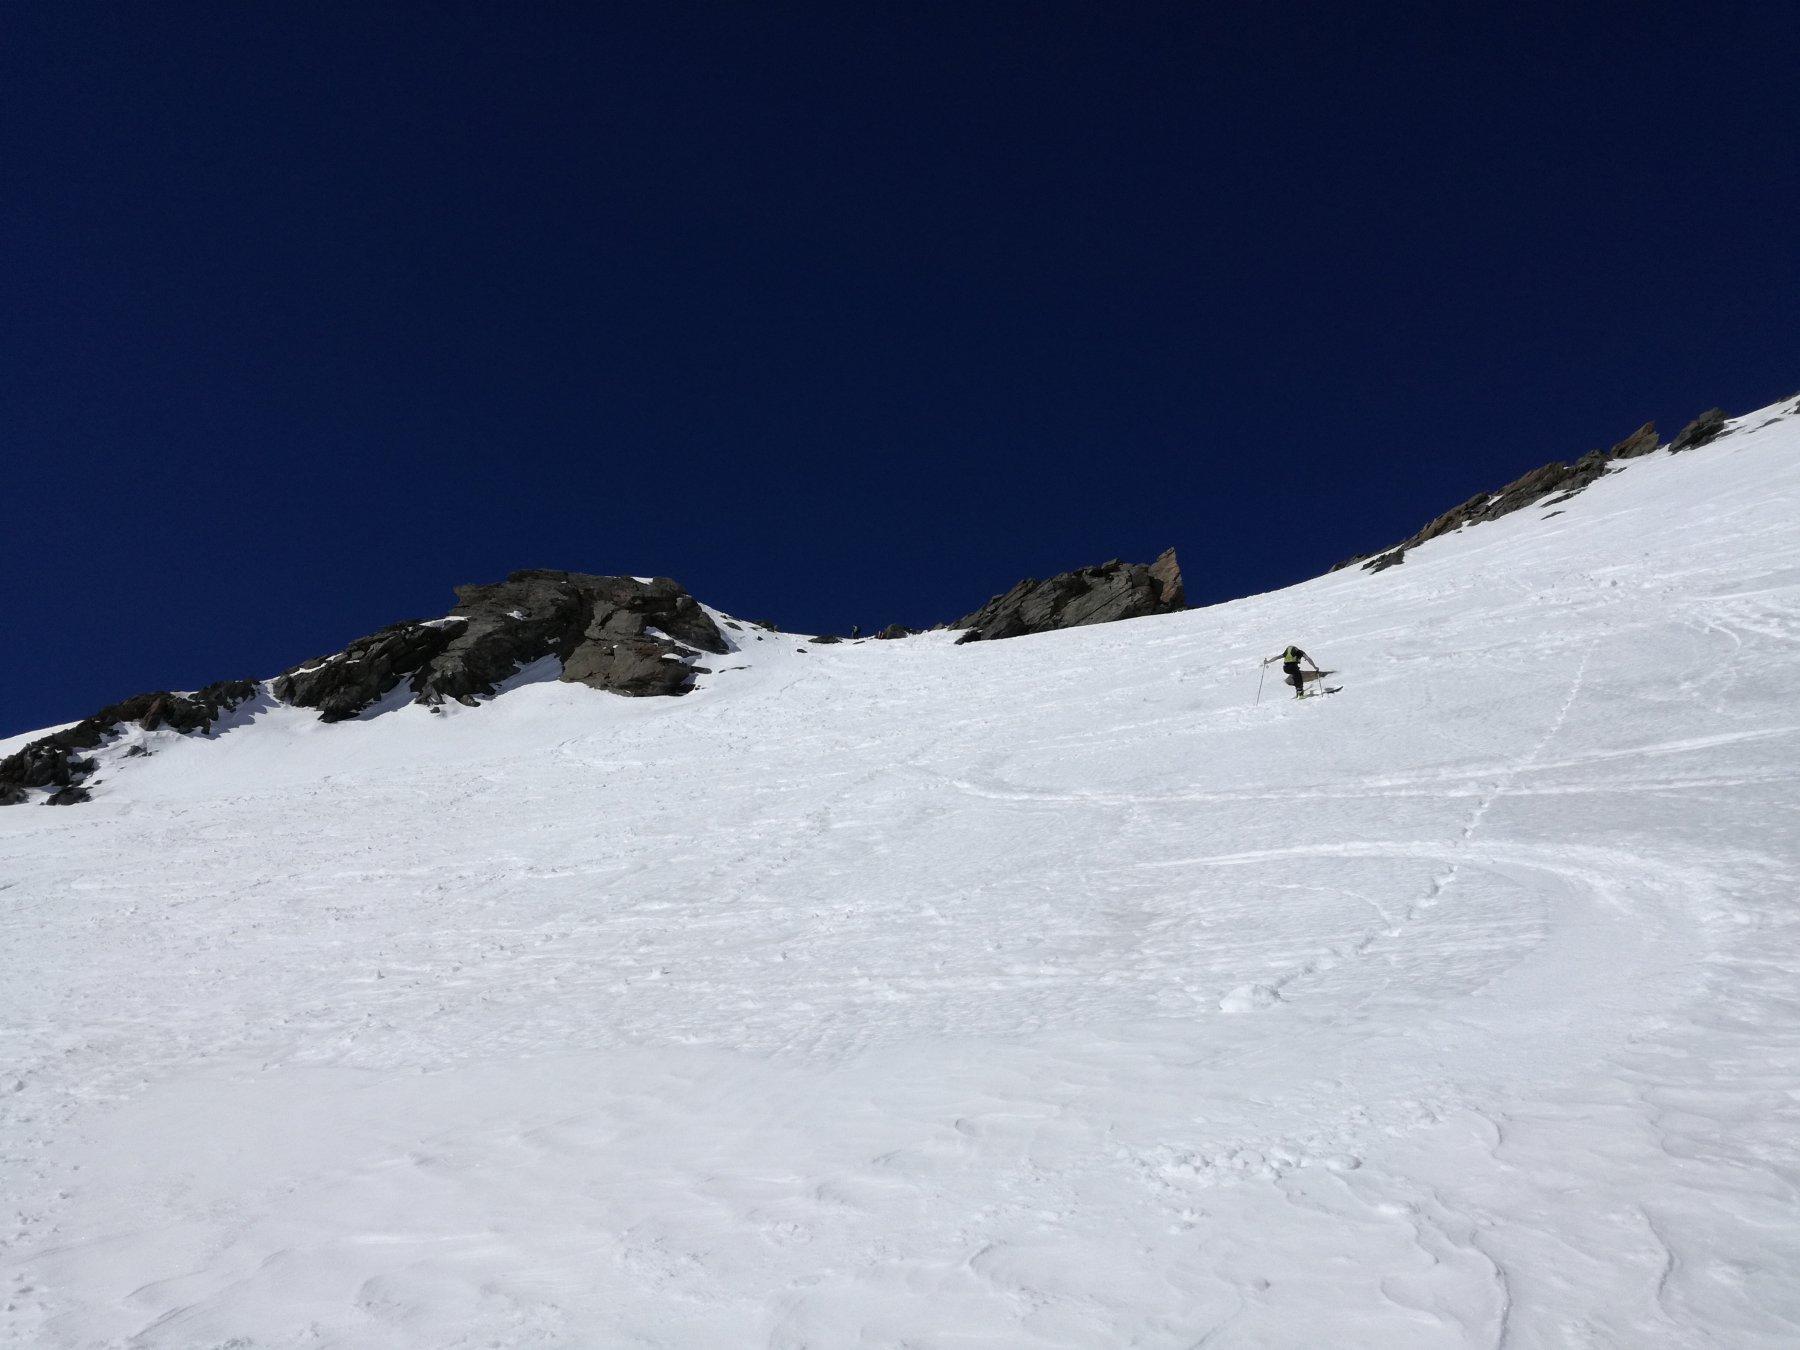 Il tratto finale prima del deposito sci